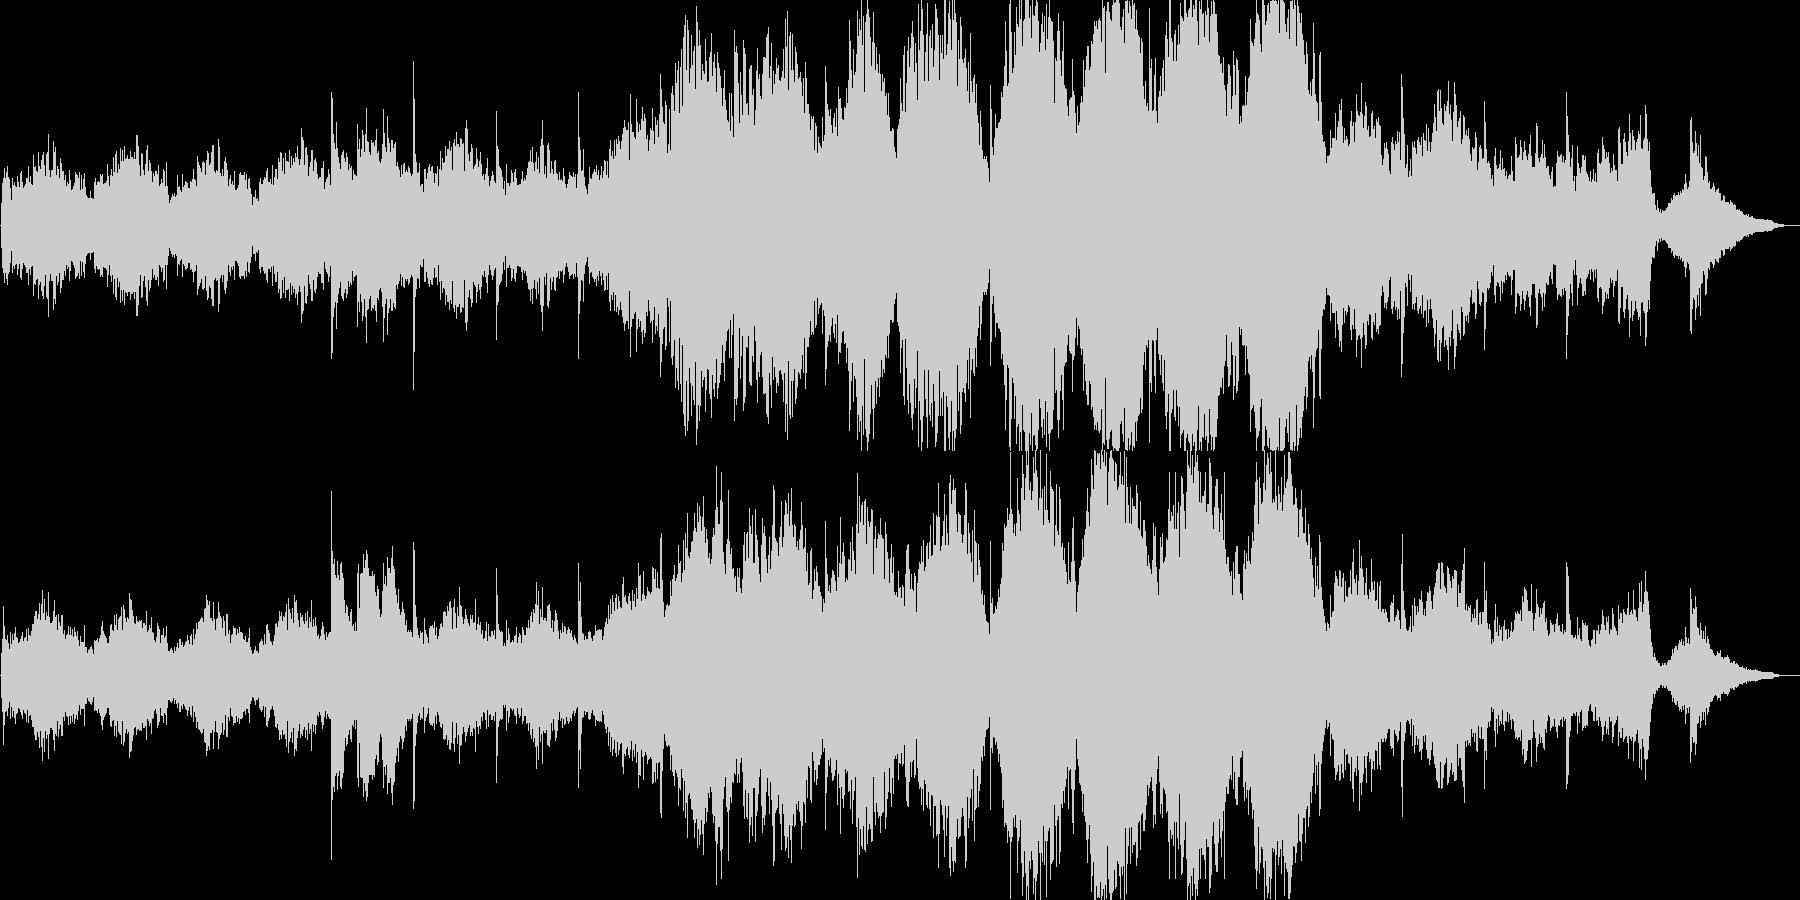 ホラーな雰囲気のオーケストラの未再生の波形